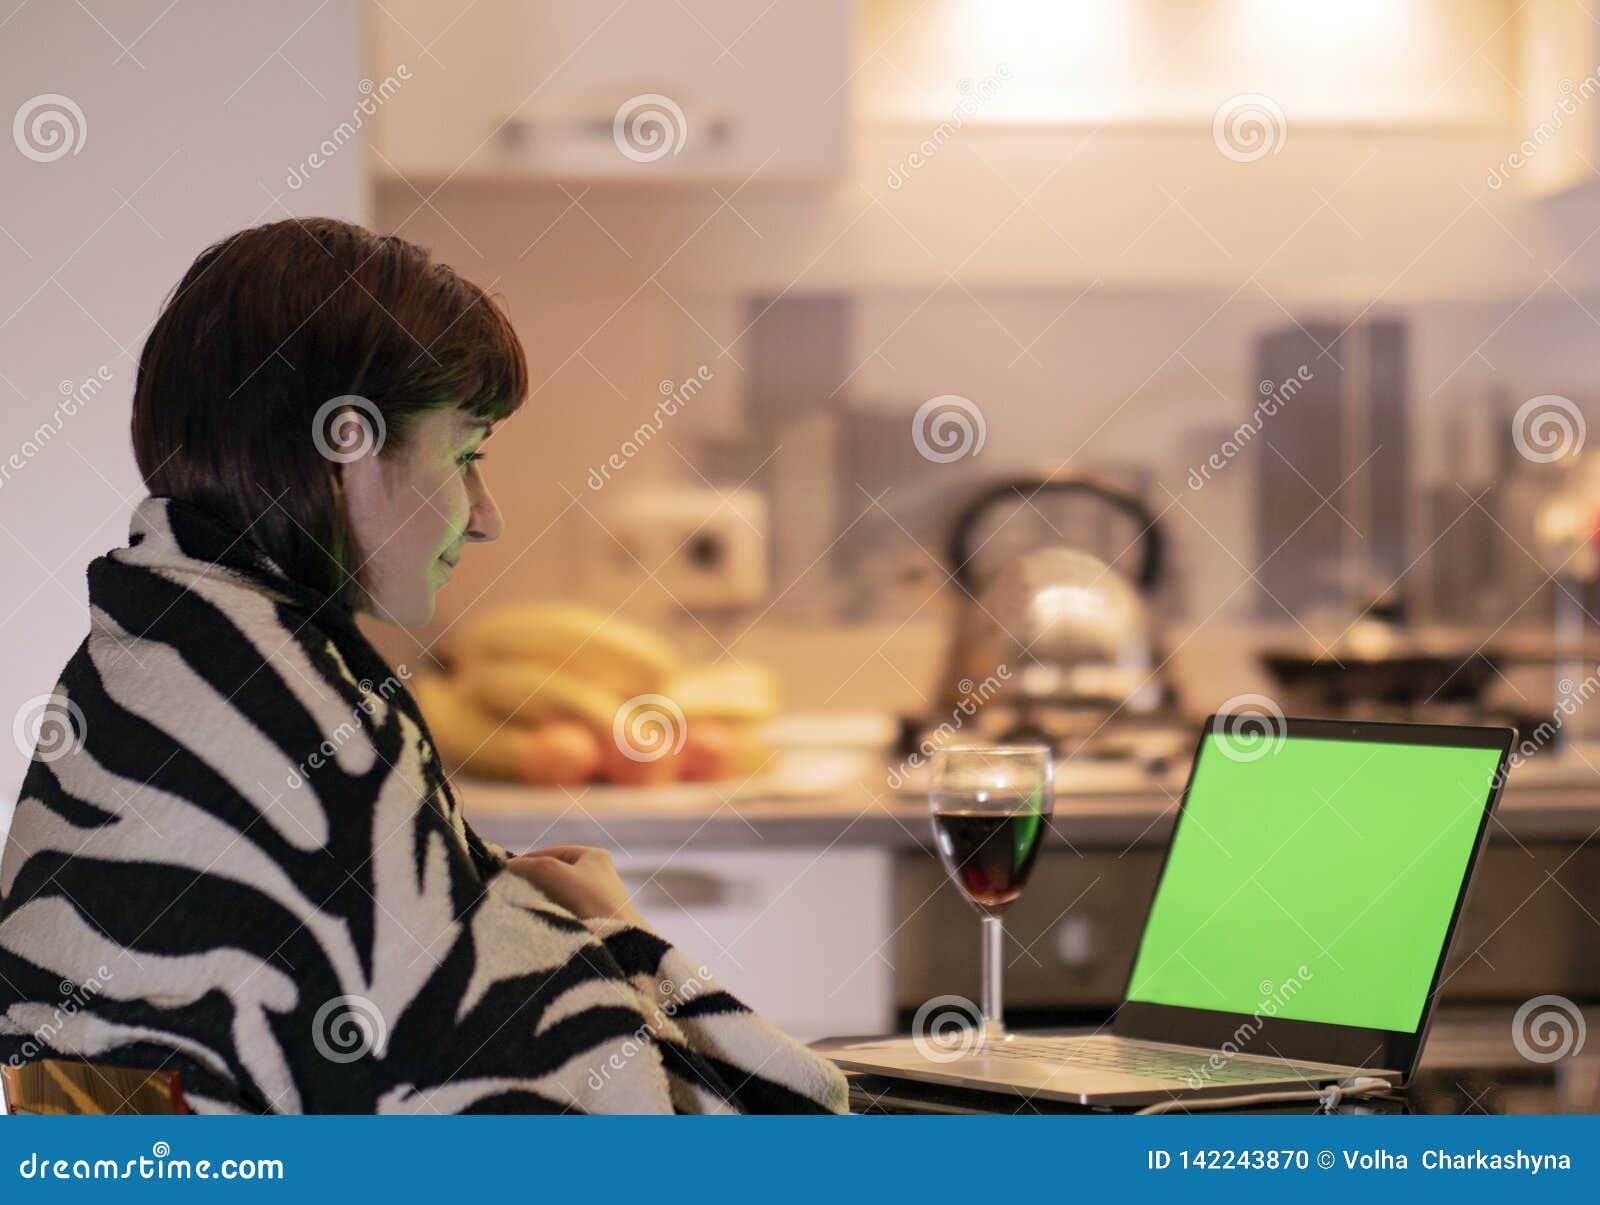 De vrouw zit in de keuken bij de lijst door laptop en met een glimlach bekijkt het monitorscherm, chromakey